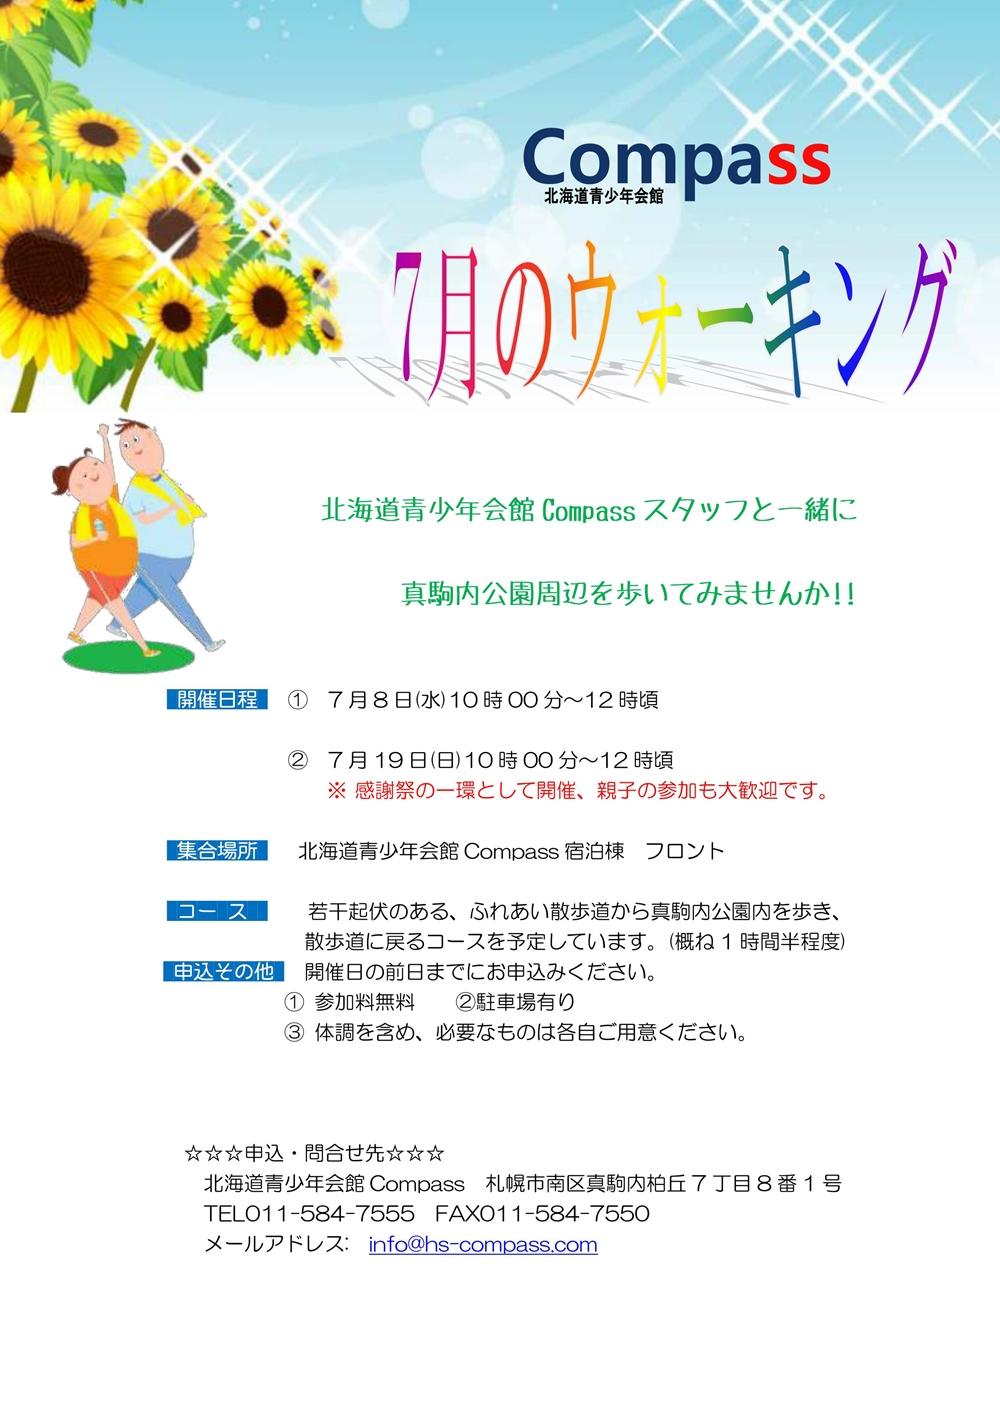 ウォーキング開催7月